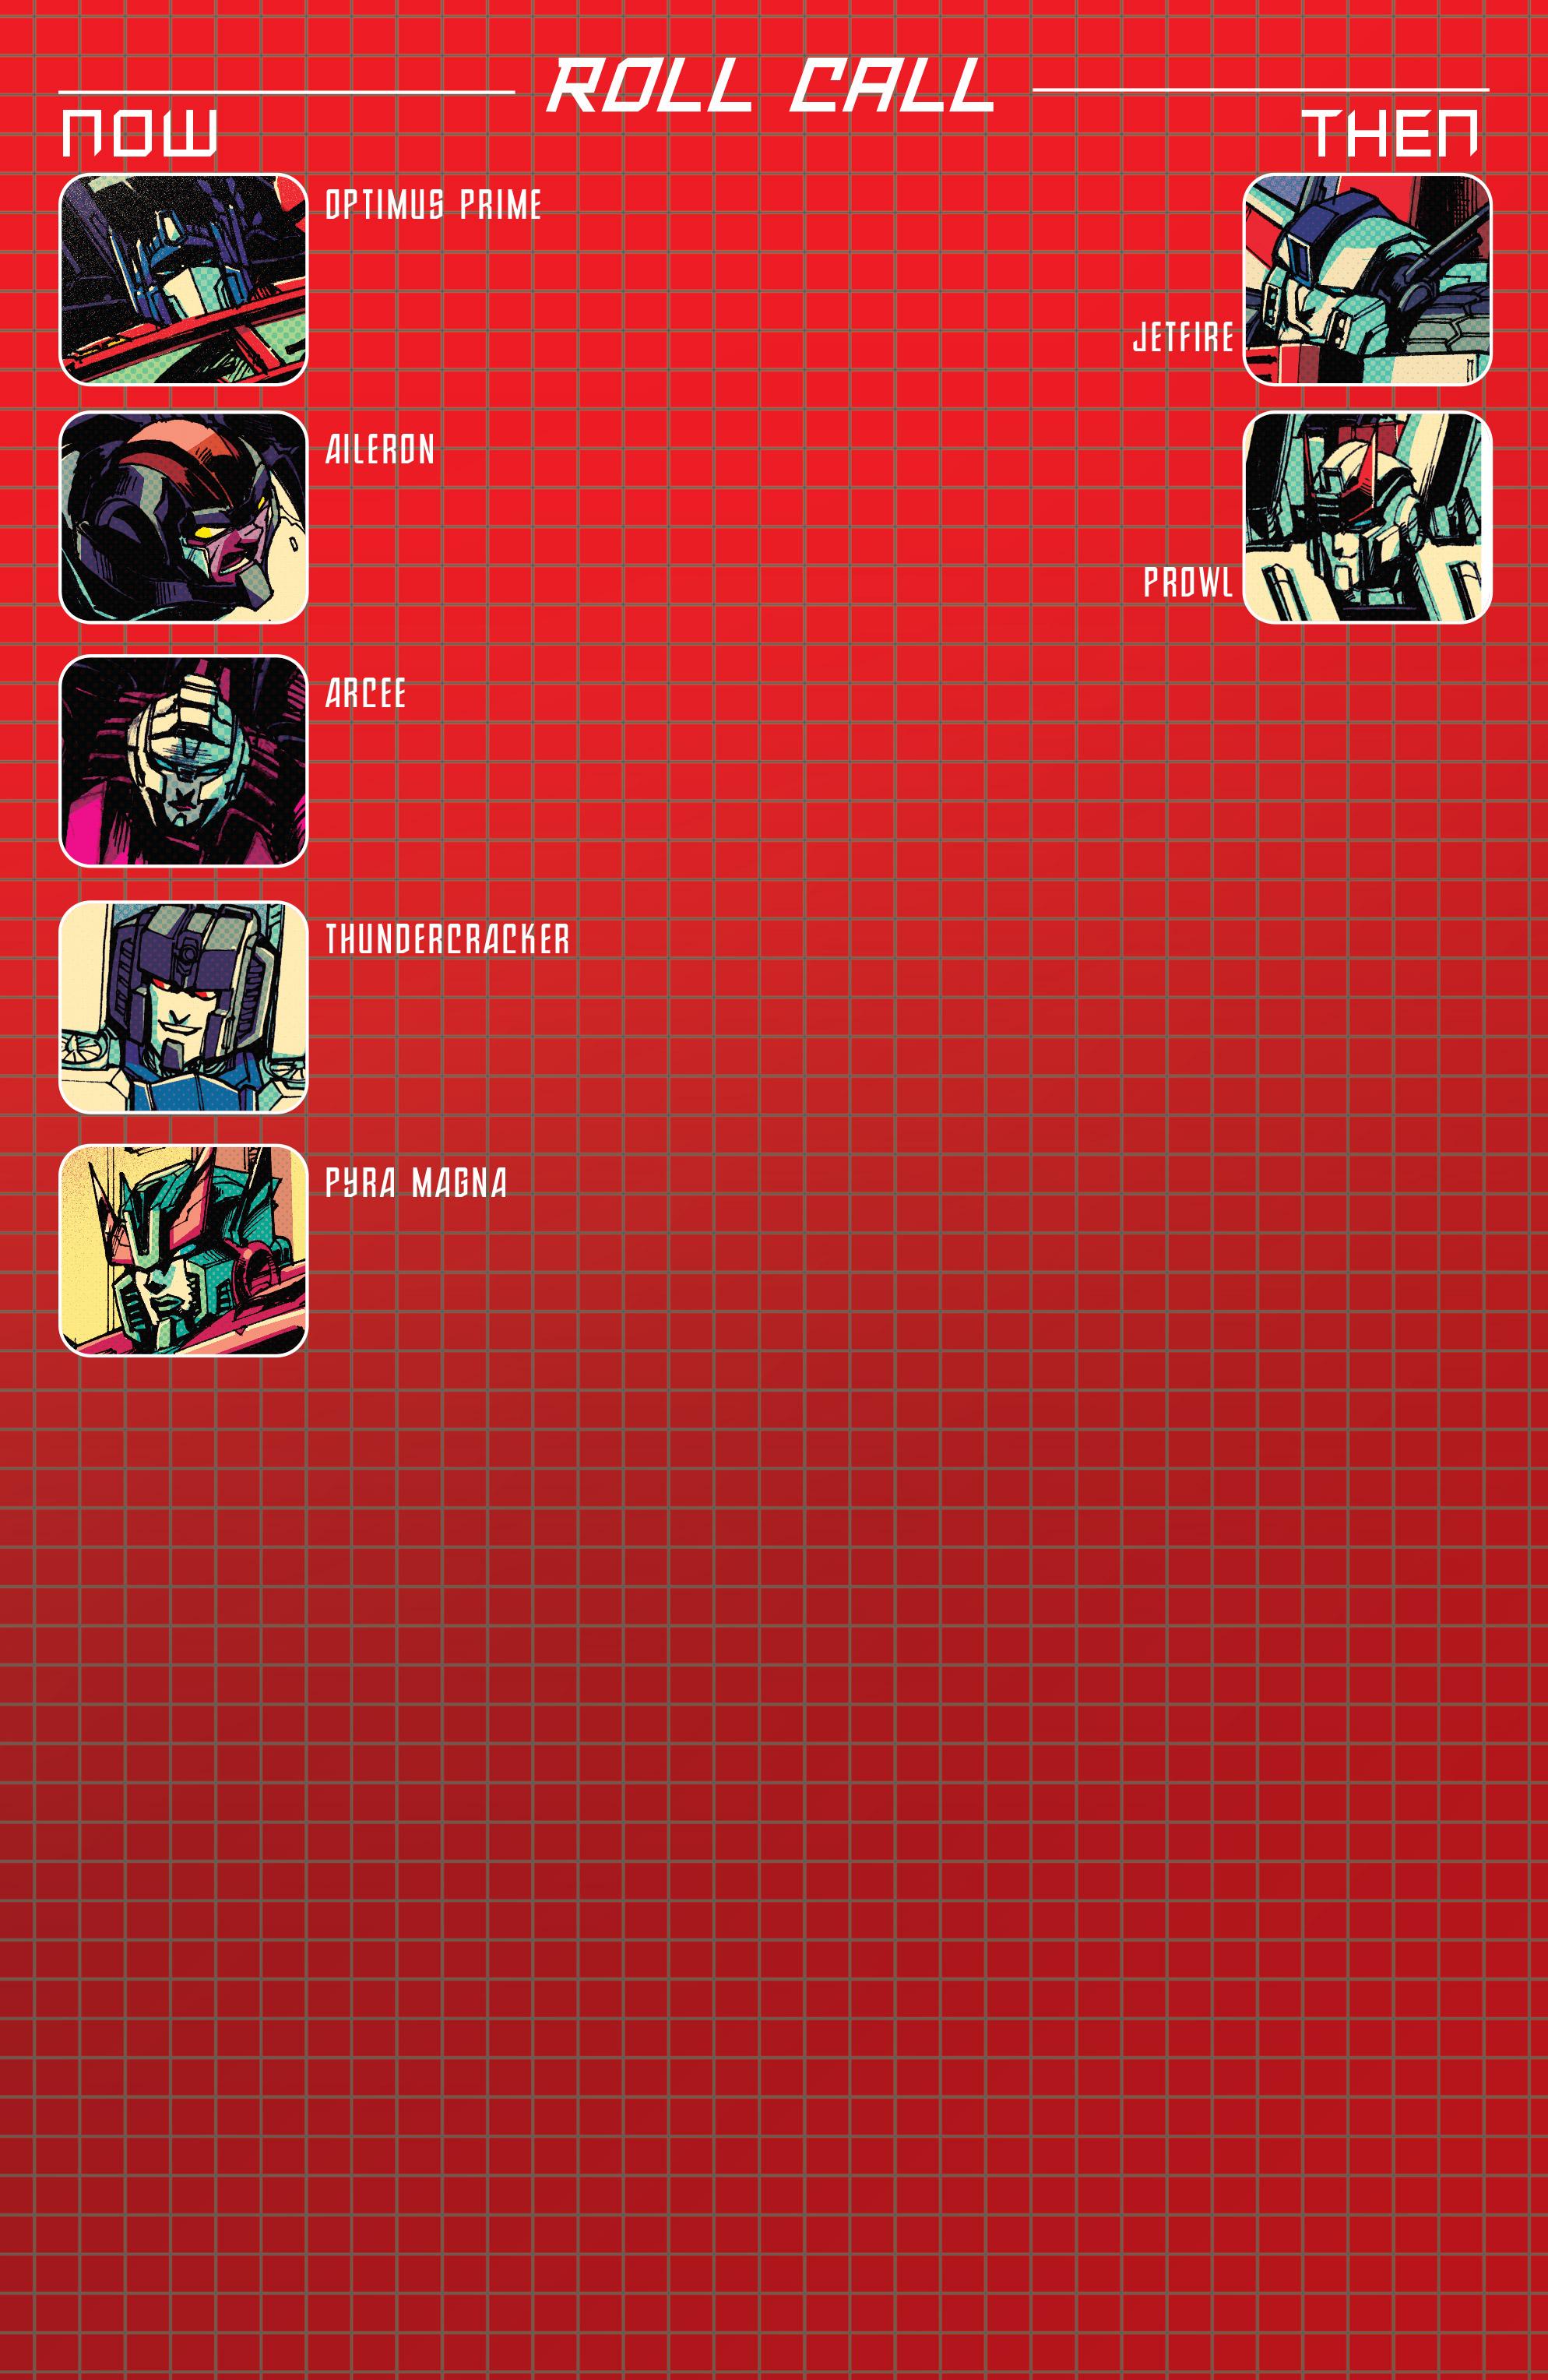 Read online Optimus Prime comic -  Issue #7 - 4